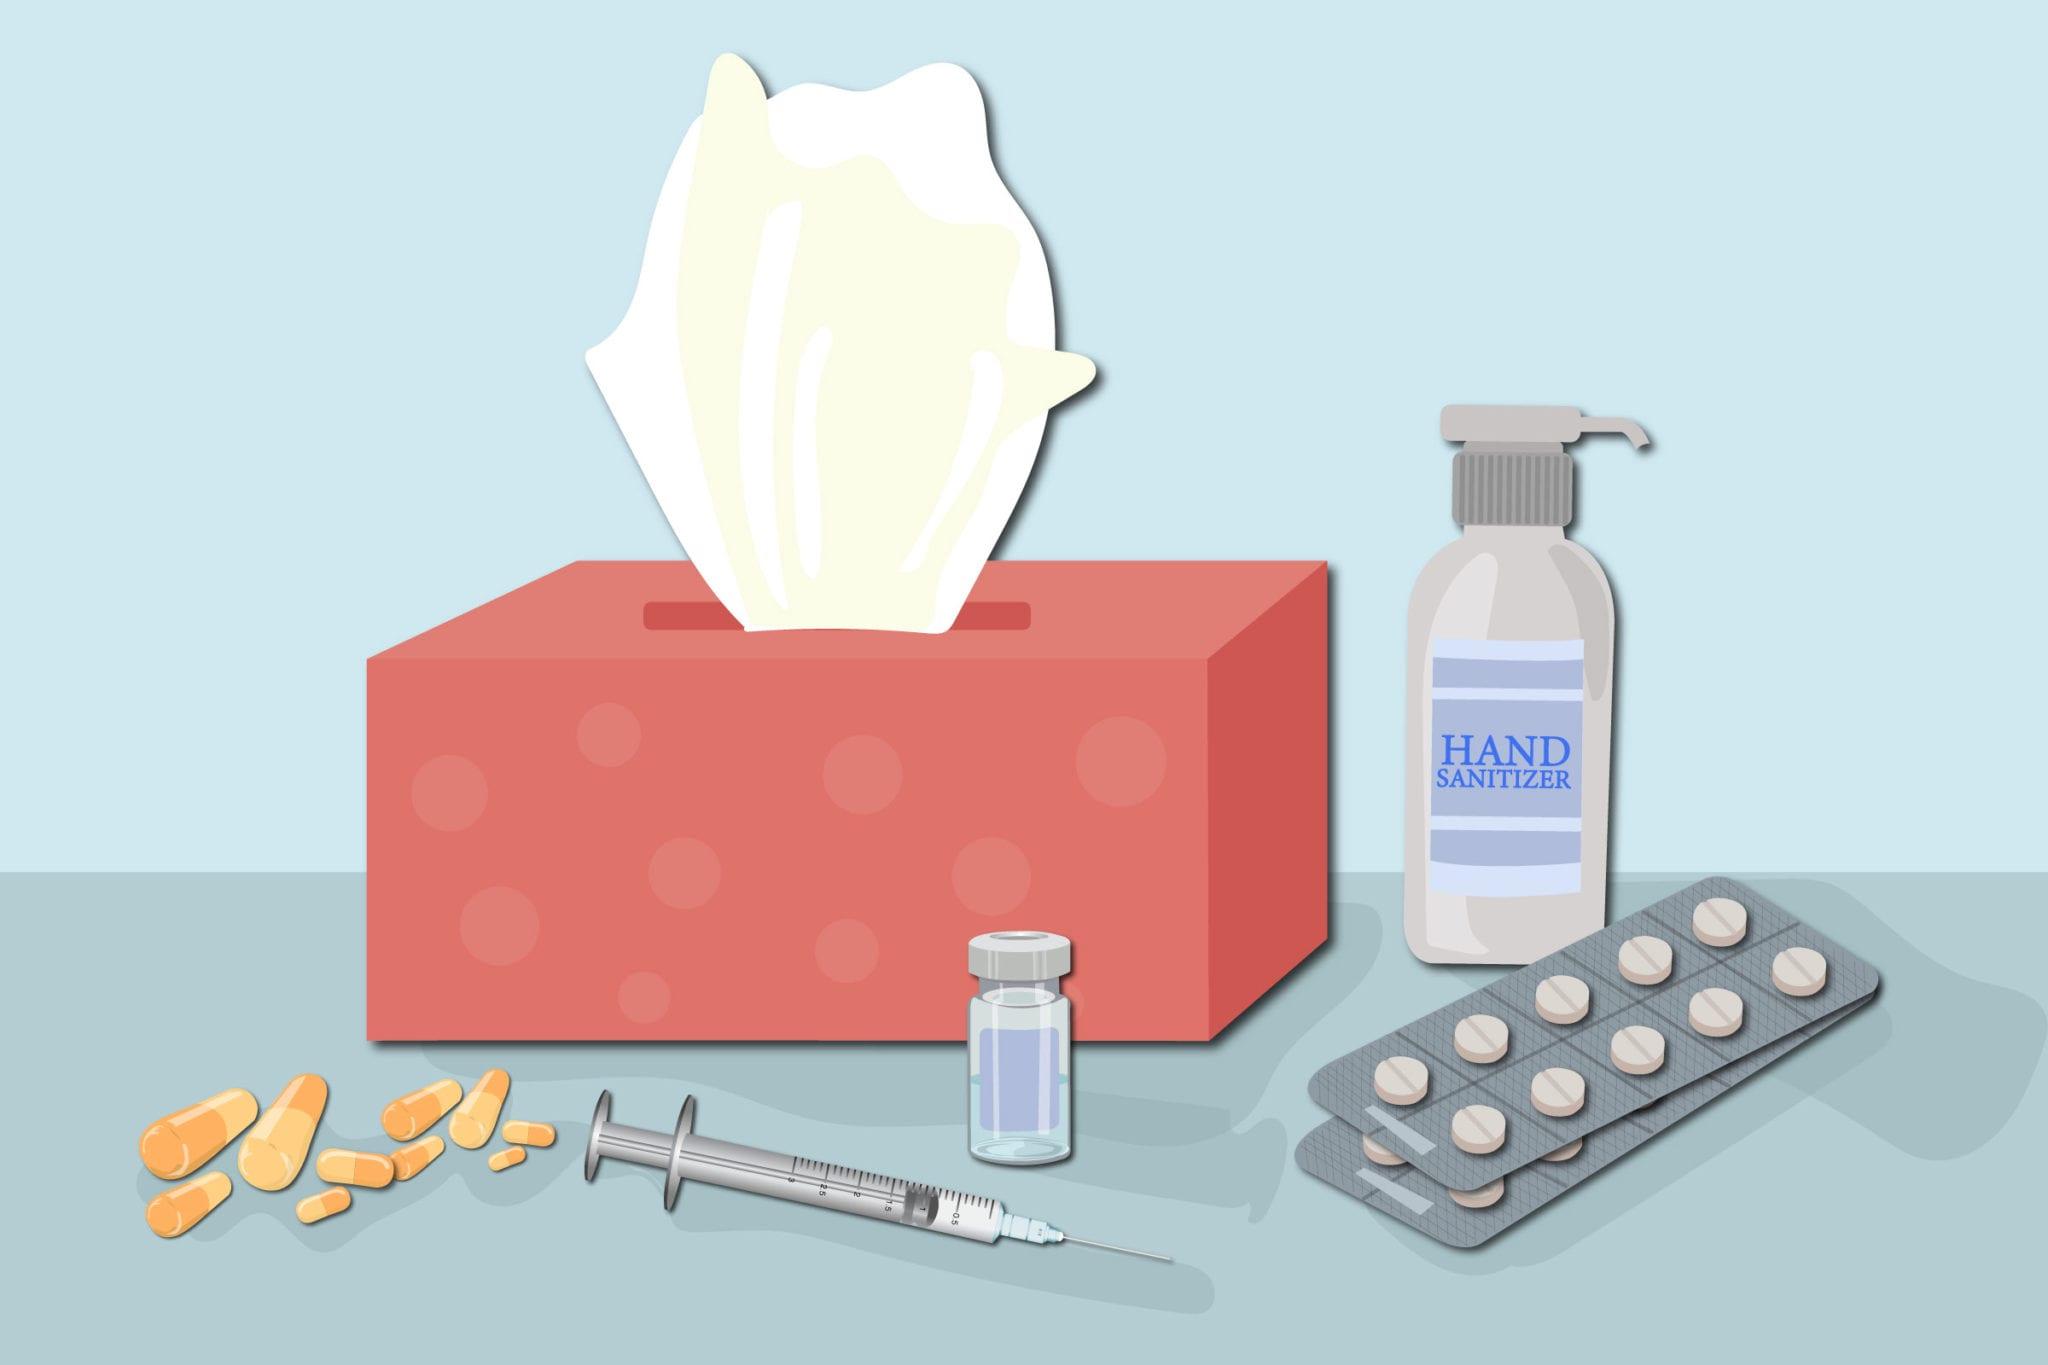 Symptômes du coronavirus: les antibiotiques ne fonctionnent que sur les bactéries. Ils ne fonctionnent pas contre les virus.